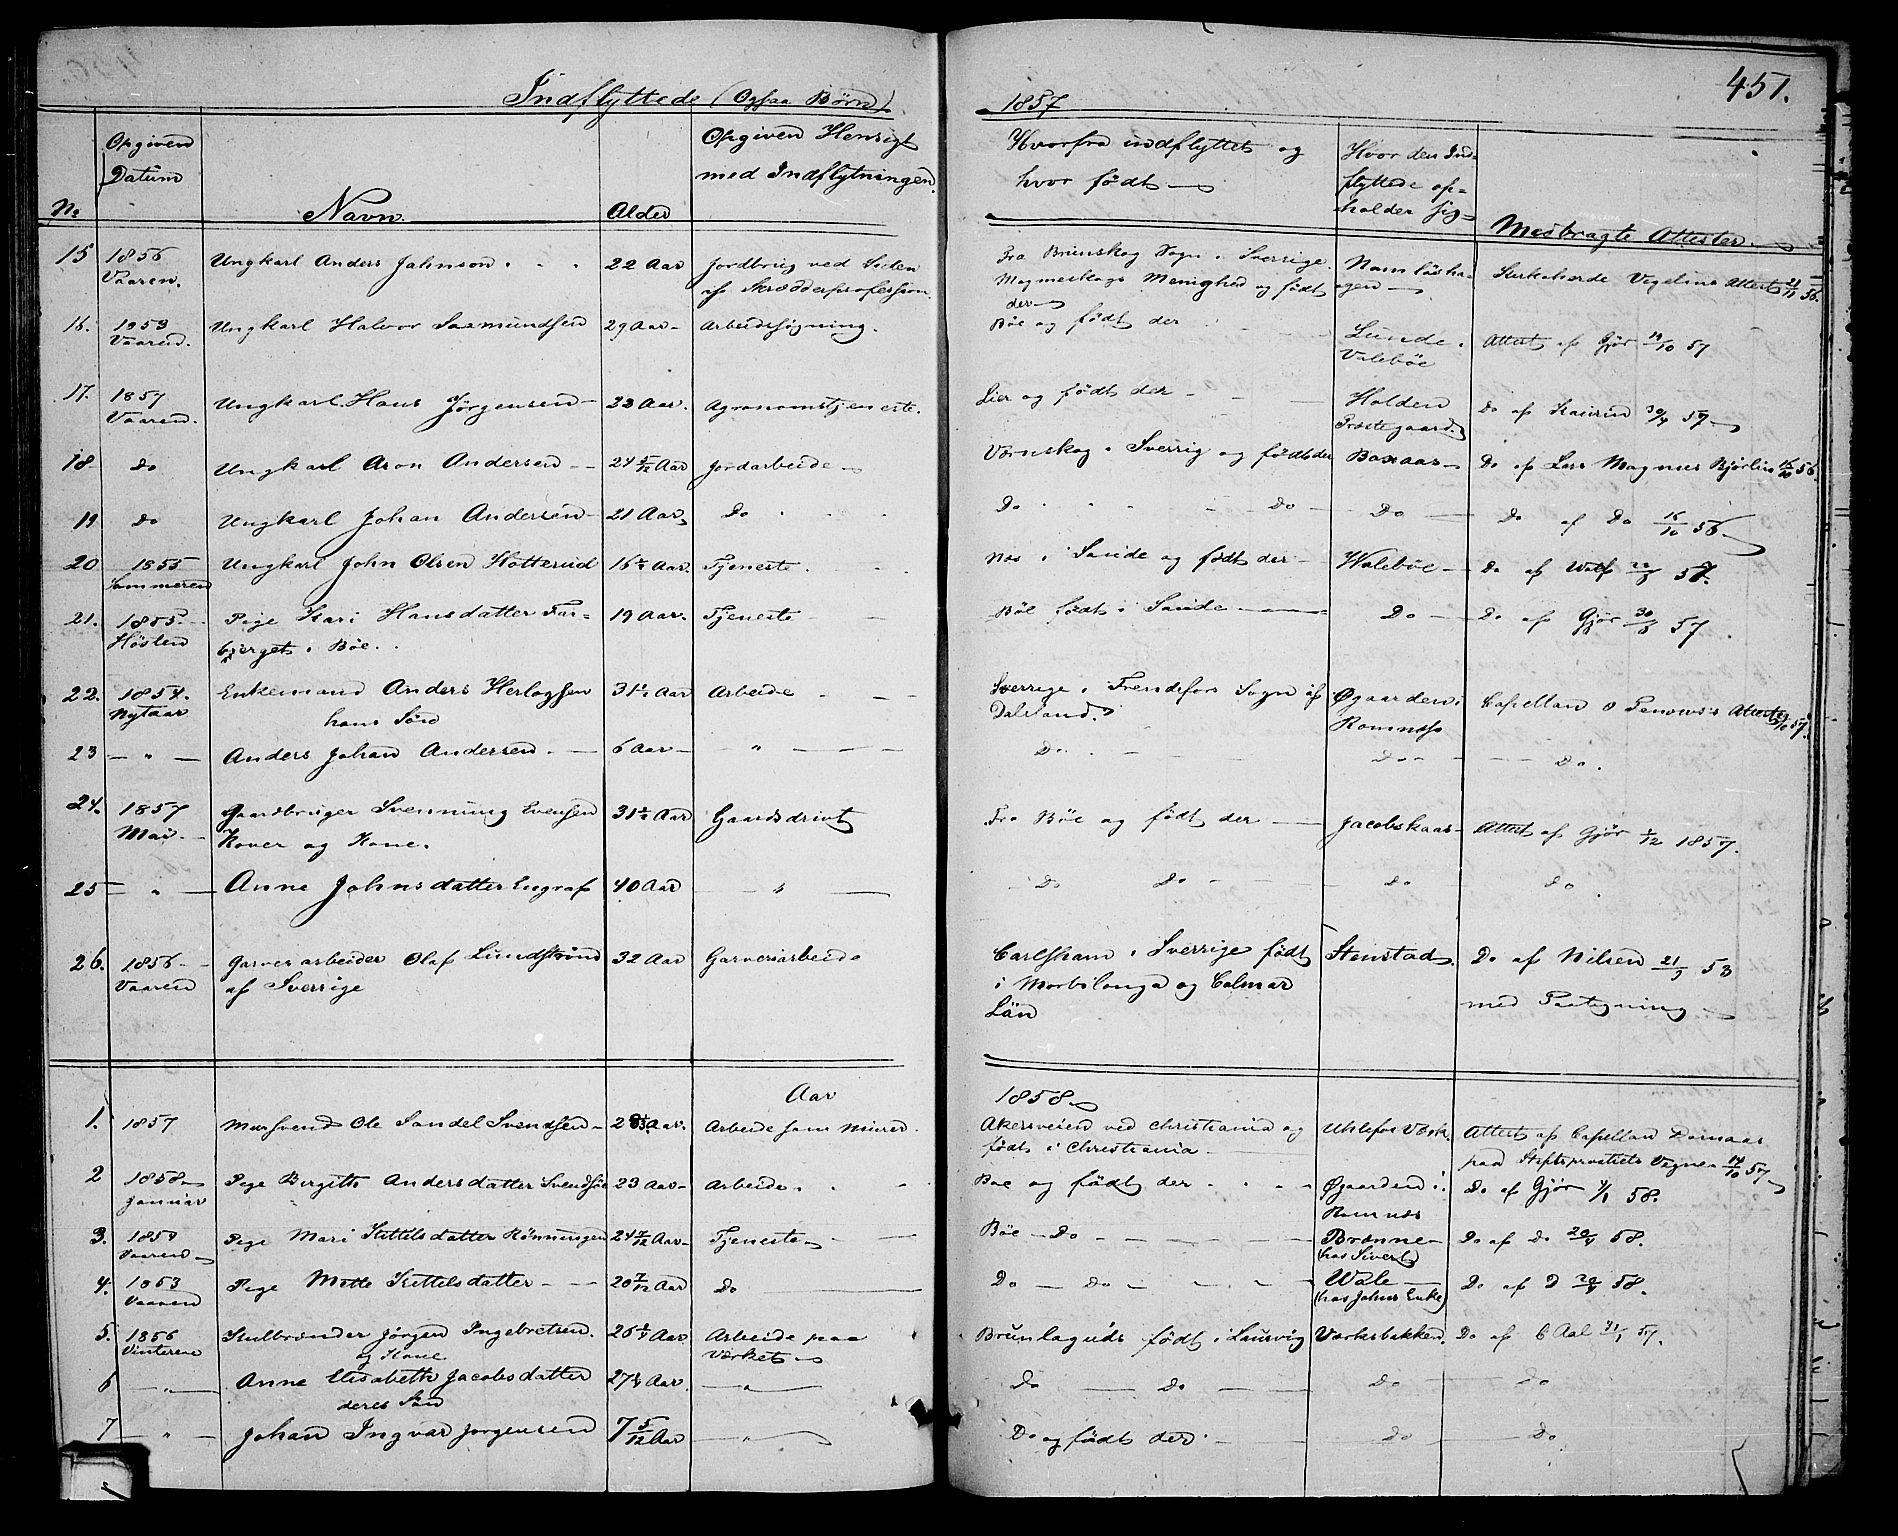 SAKO, Holla kirkebøker, G/Ga/L0003: Klokkerbok nr. I 3, 1849-1866, s. 451